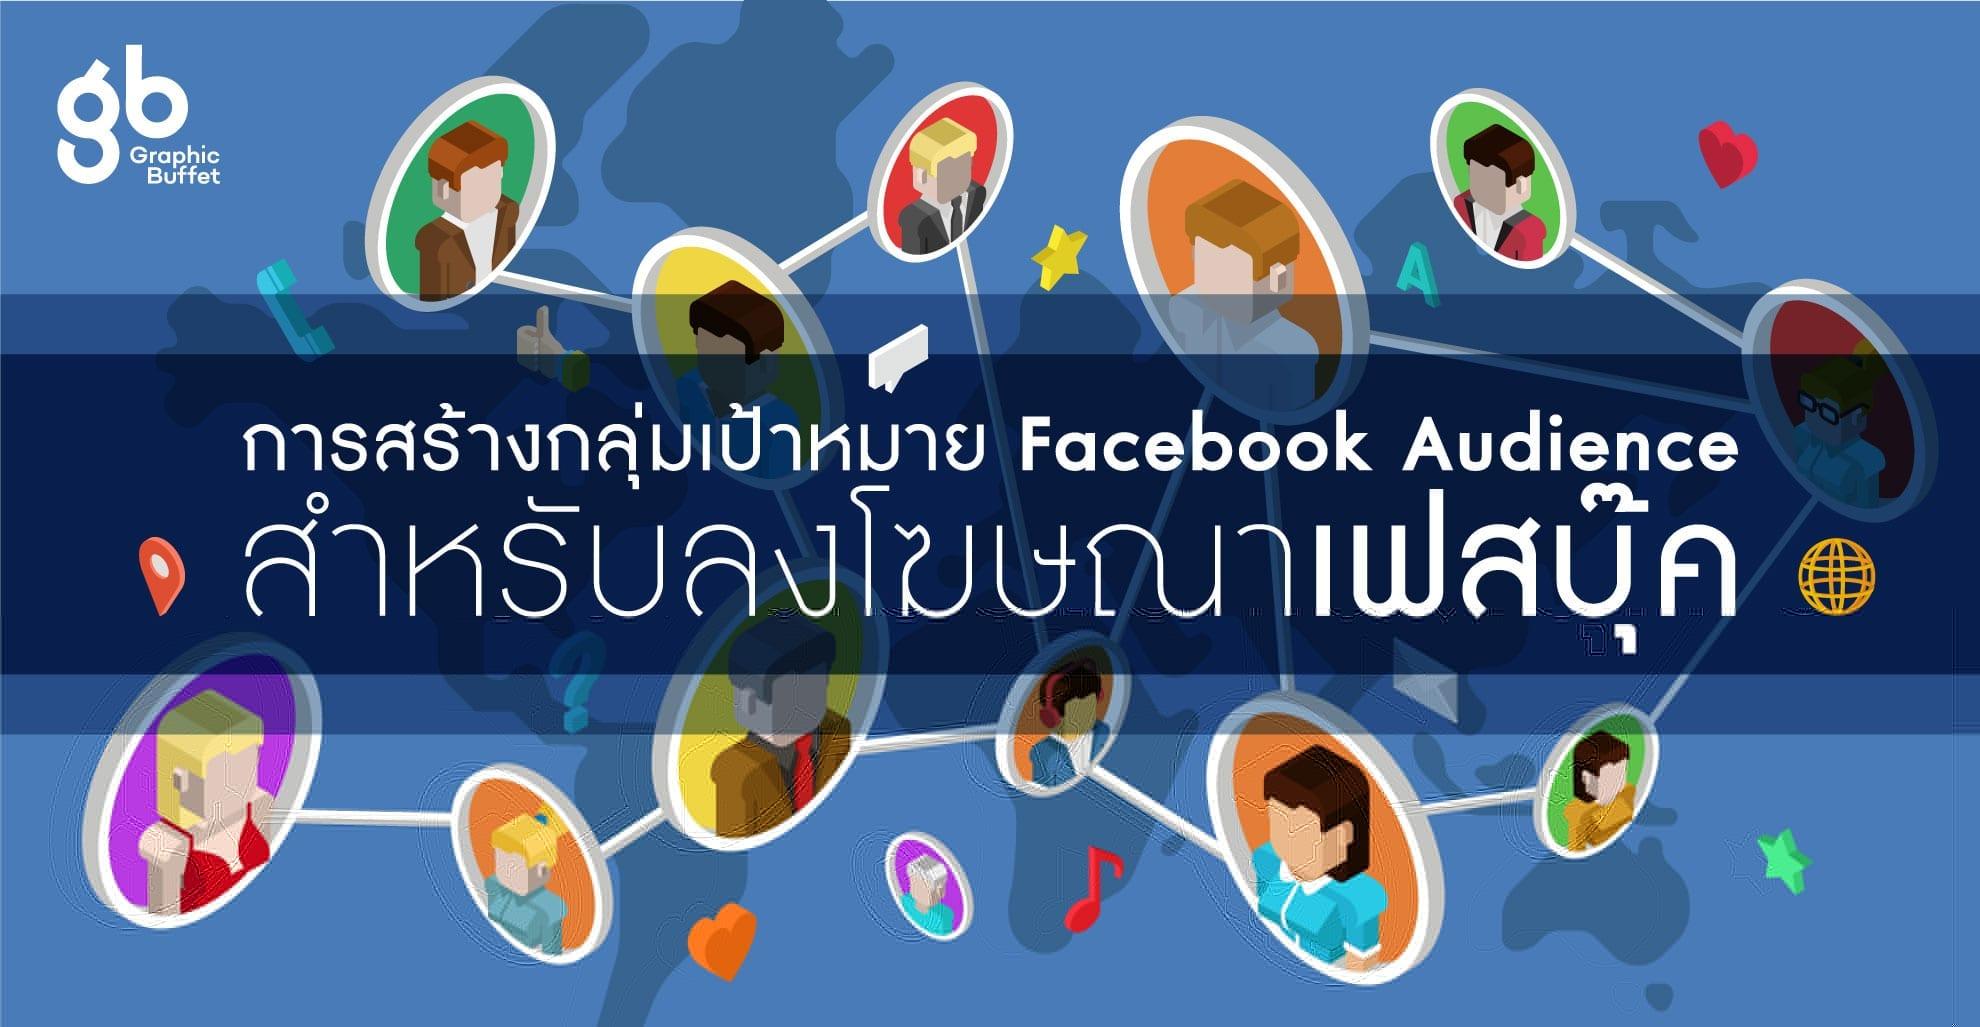 การสร้างกลุ่มเป้าหมาย Facebook Audience สำหรับลงโฆษณาเฟสบุ๊ค